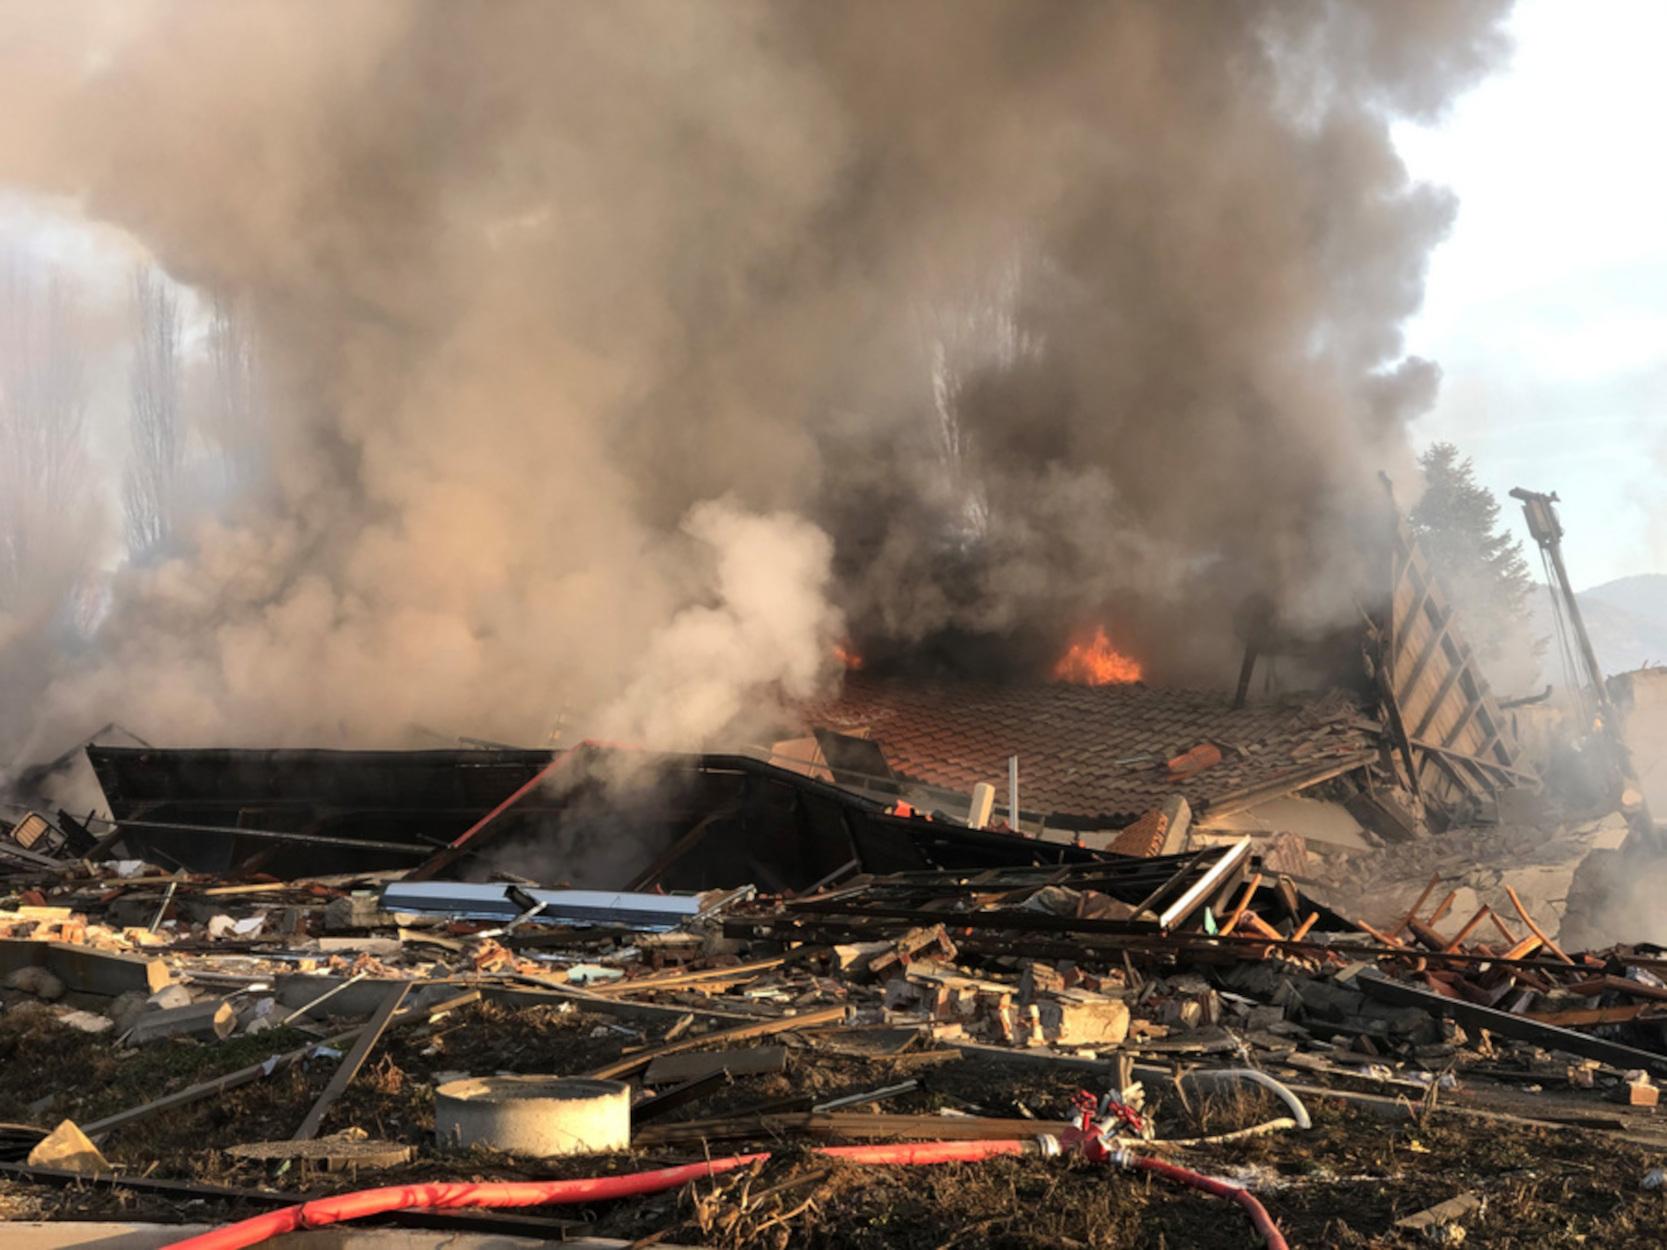 Καστοριά: Έρευνες και από πυροτεχνουργούς της ΕΛΑΣ για την έκρηξη – Η ανακοίνωση του ξενοδοχείου